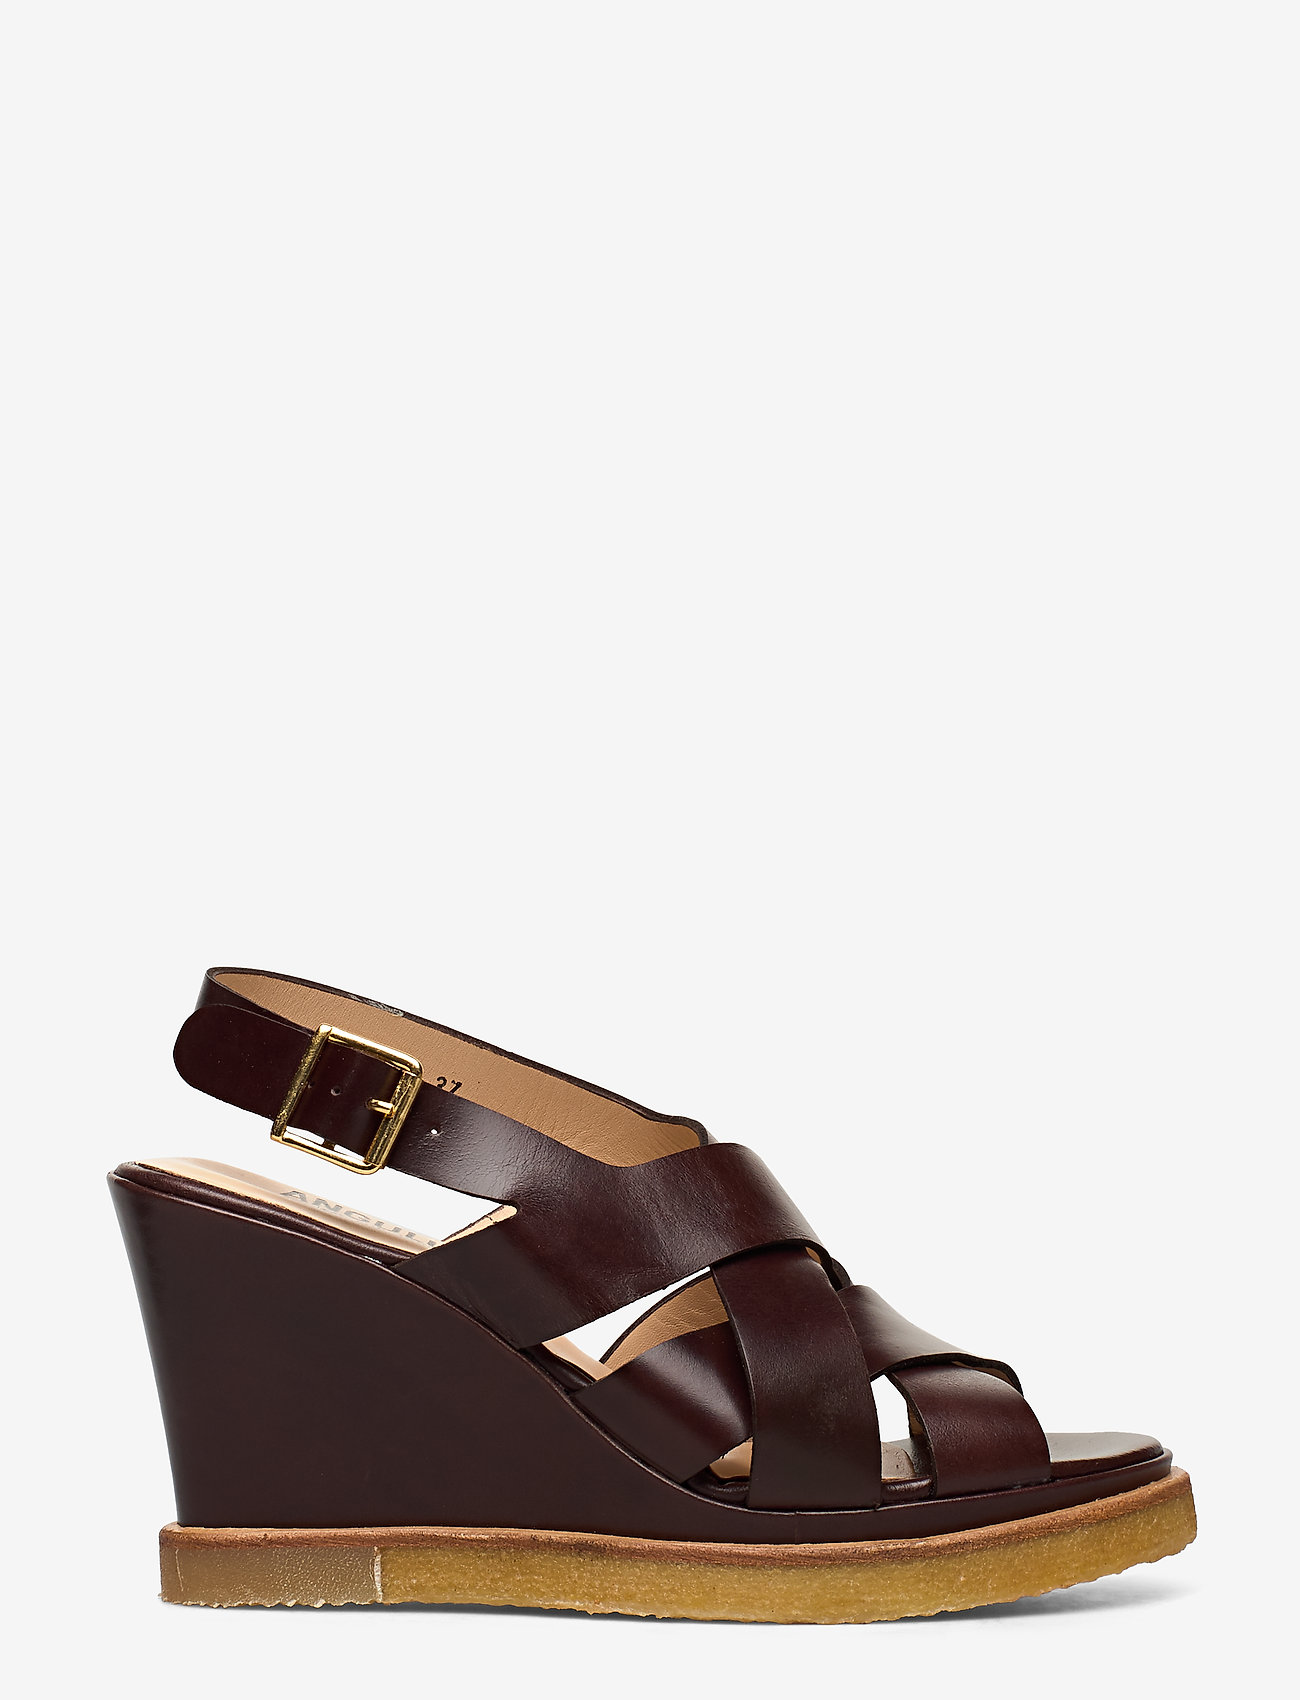 ANGULUS - Sandals - wedge - wedges - 1836 dark brown - 1